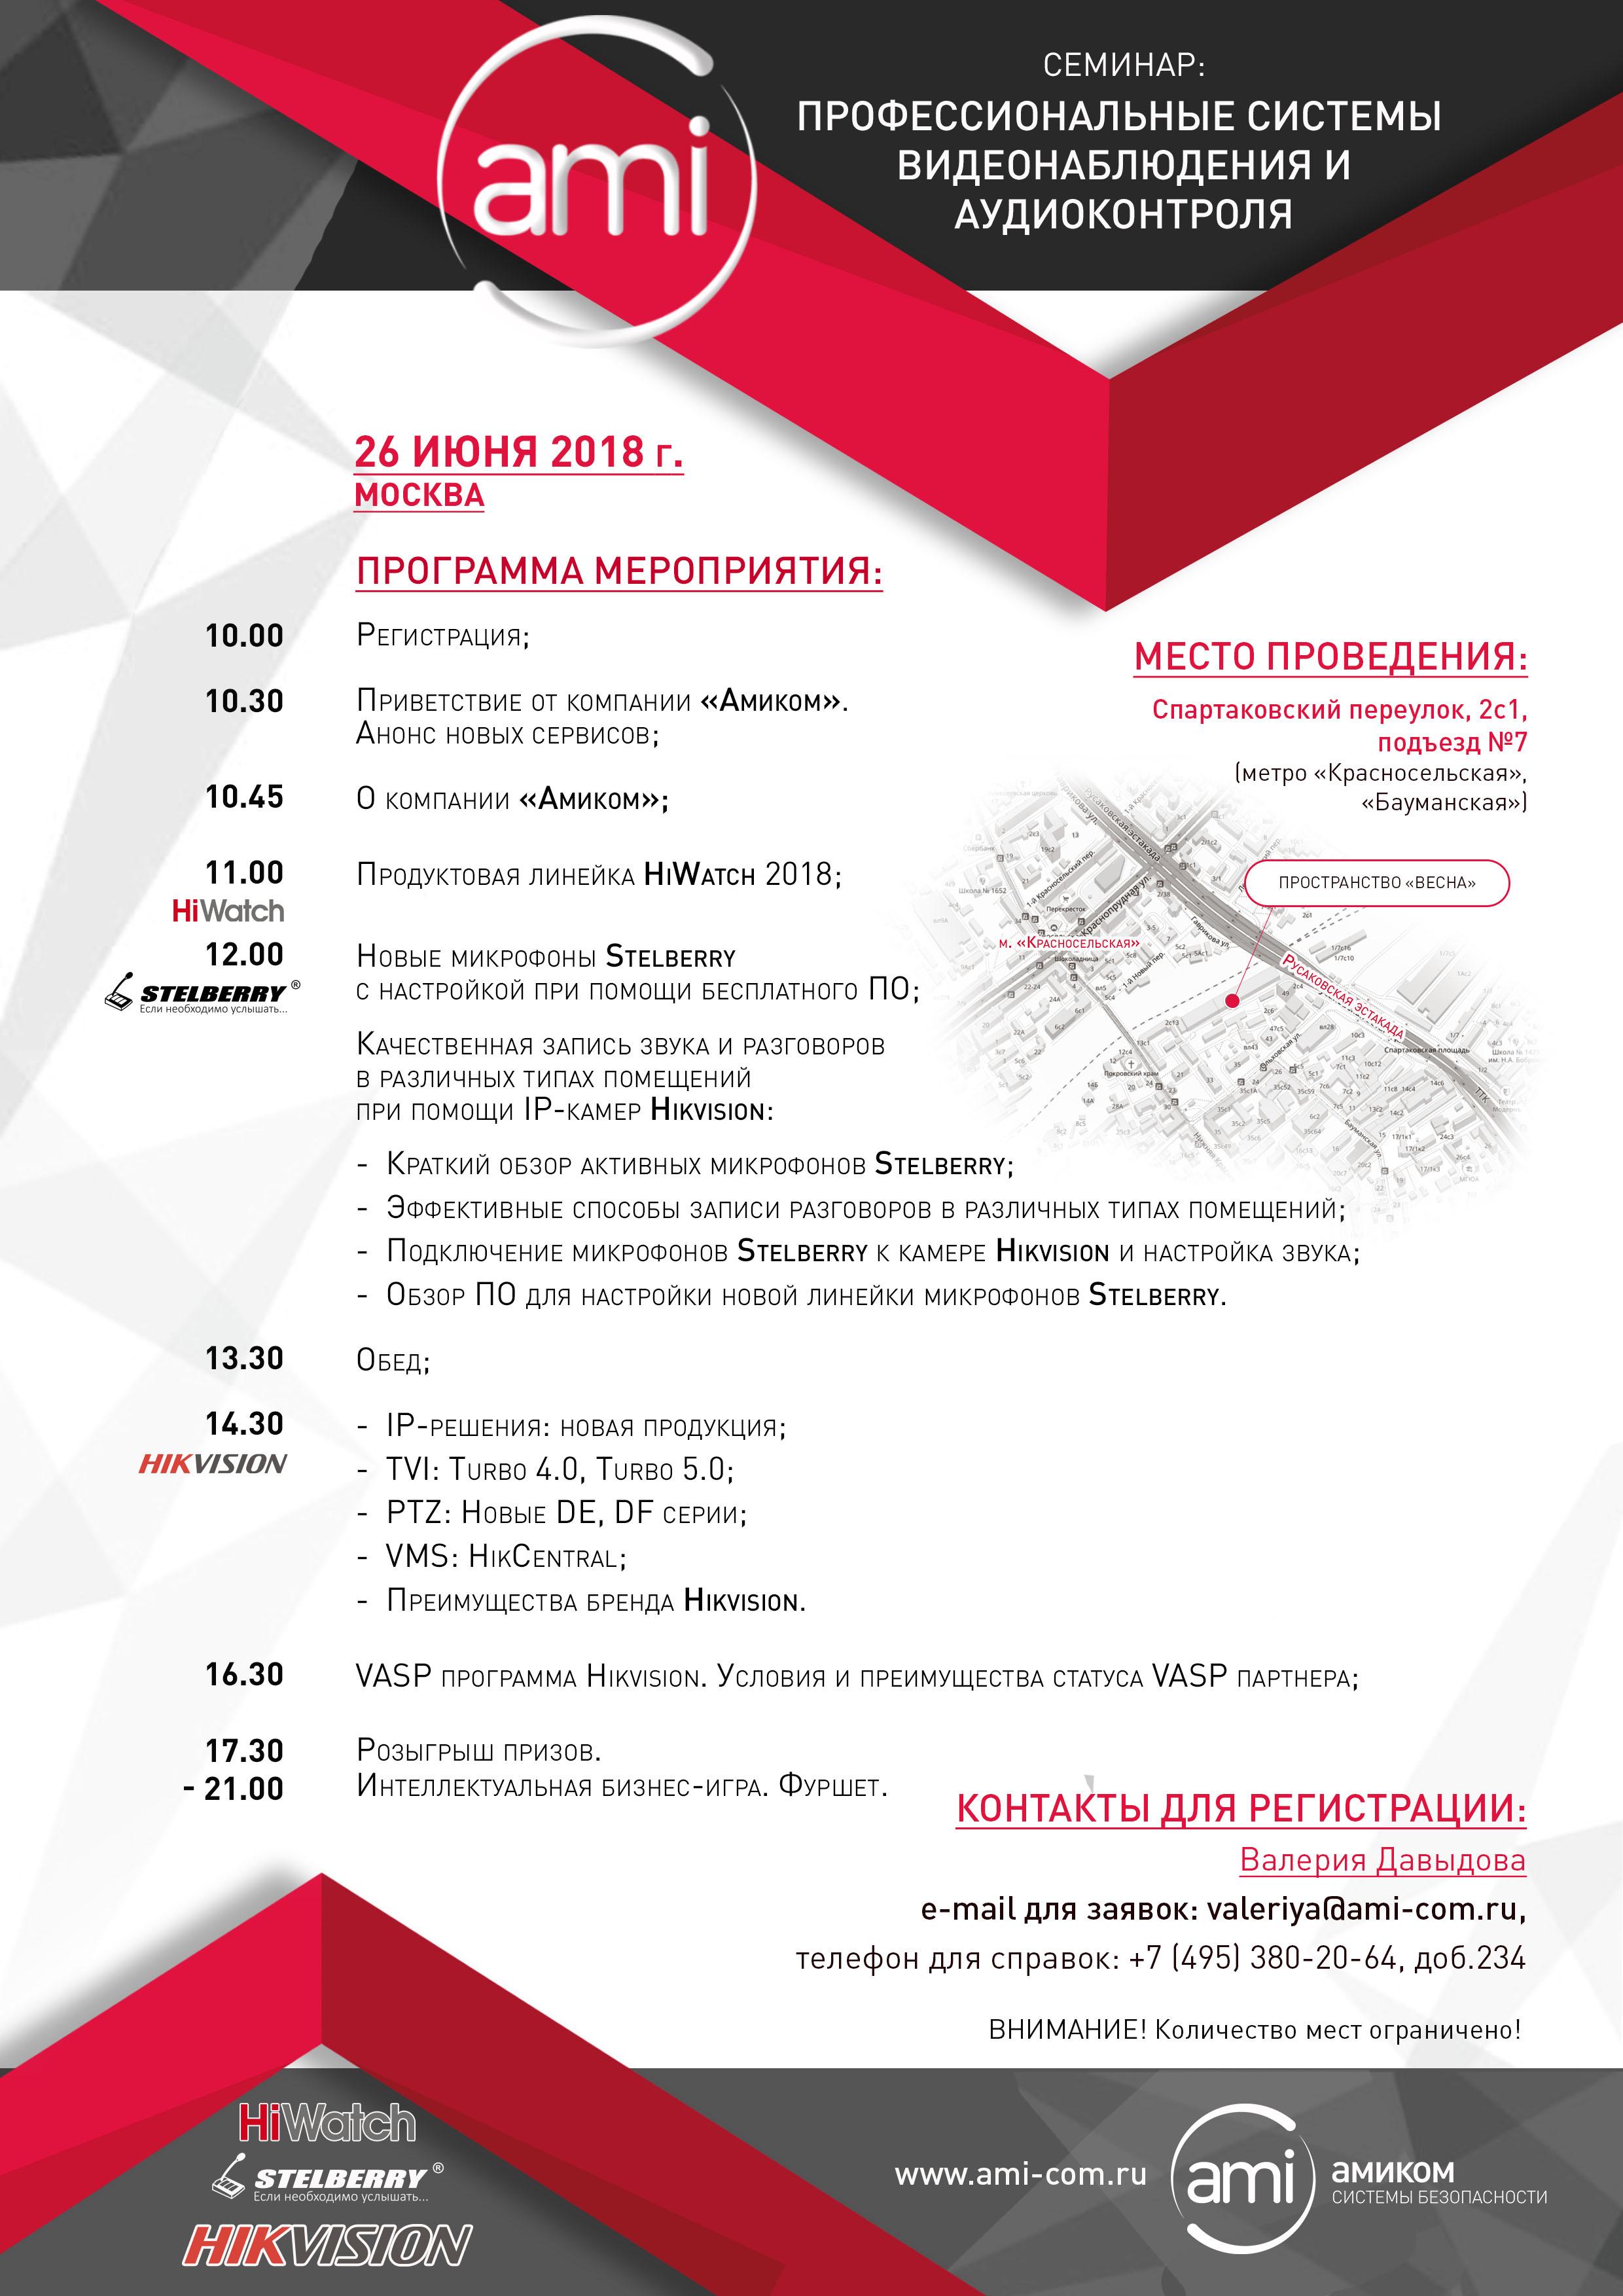 Techportal.ru: Приглашаем на семинар по видеонаблюдению и аудиоконтролю компании Амиком. Выпуск #8 (26), 2018